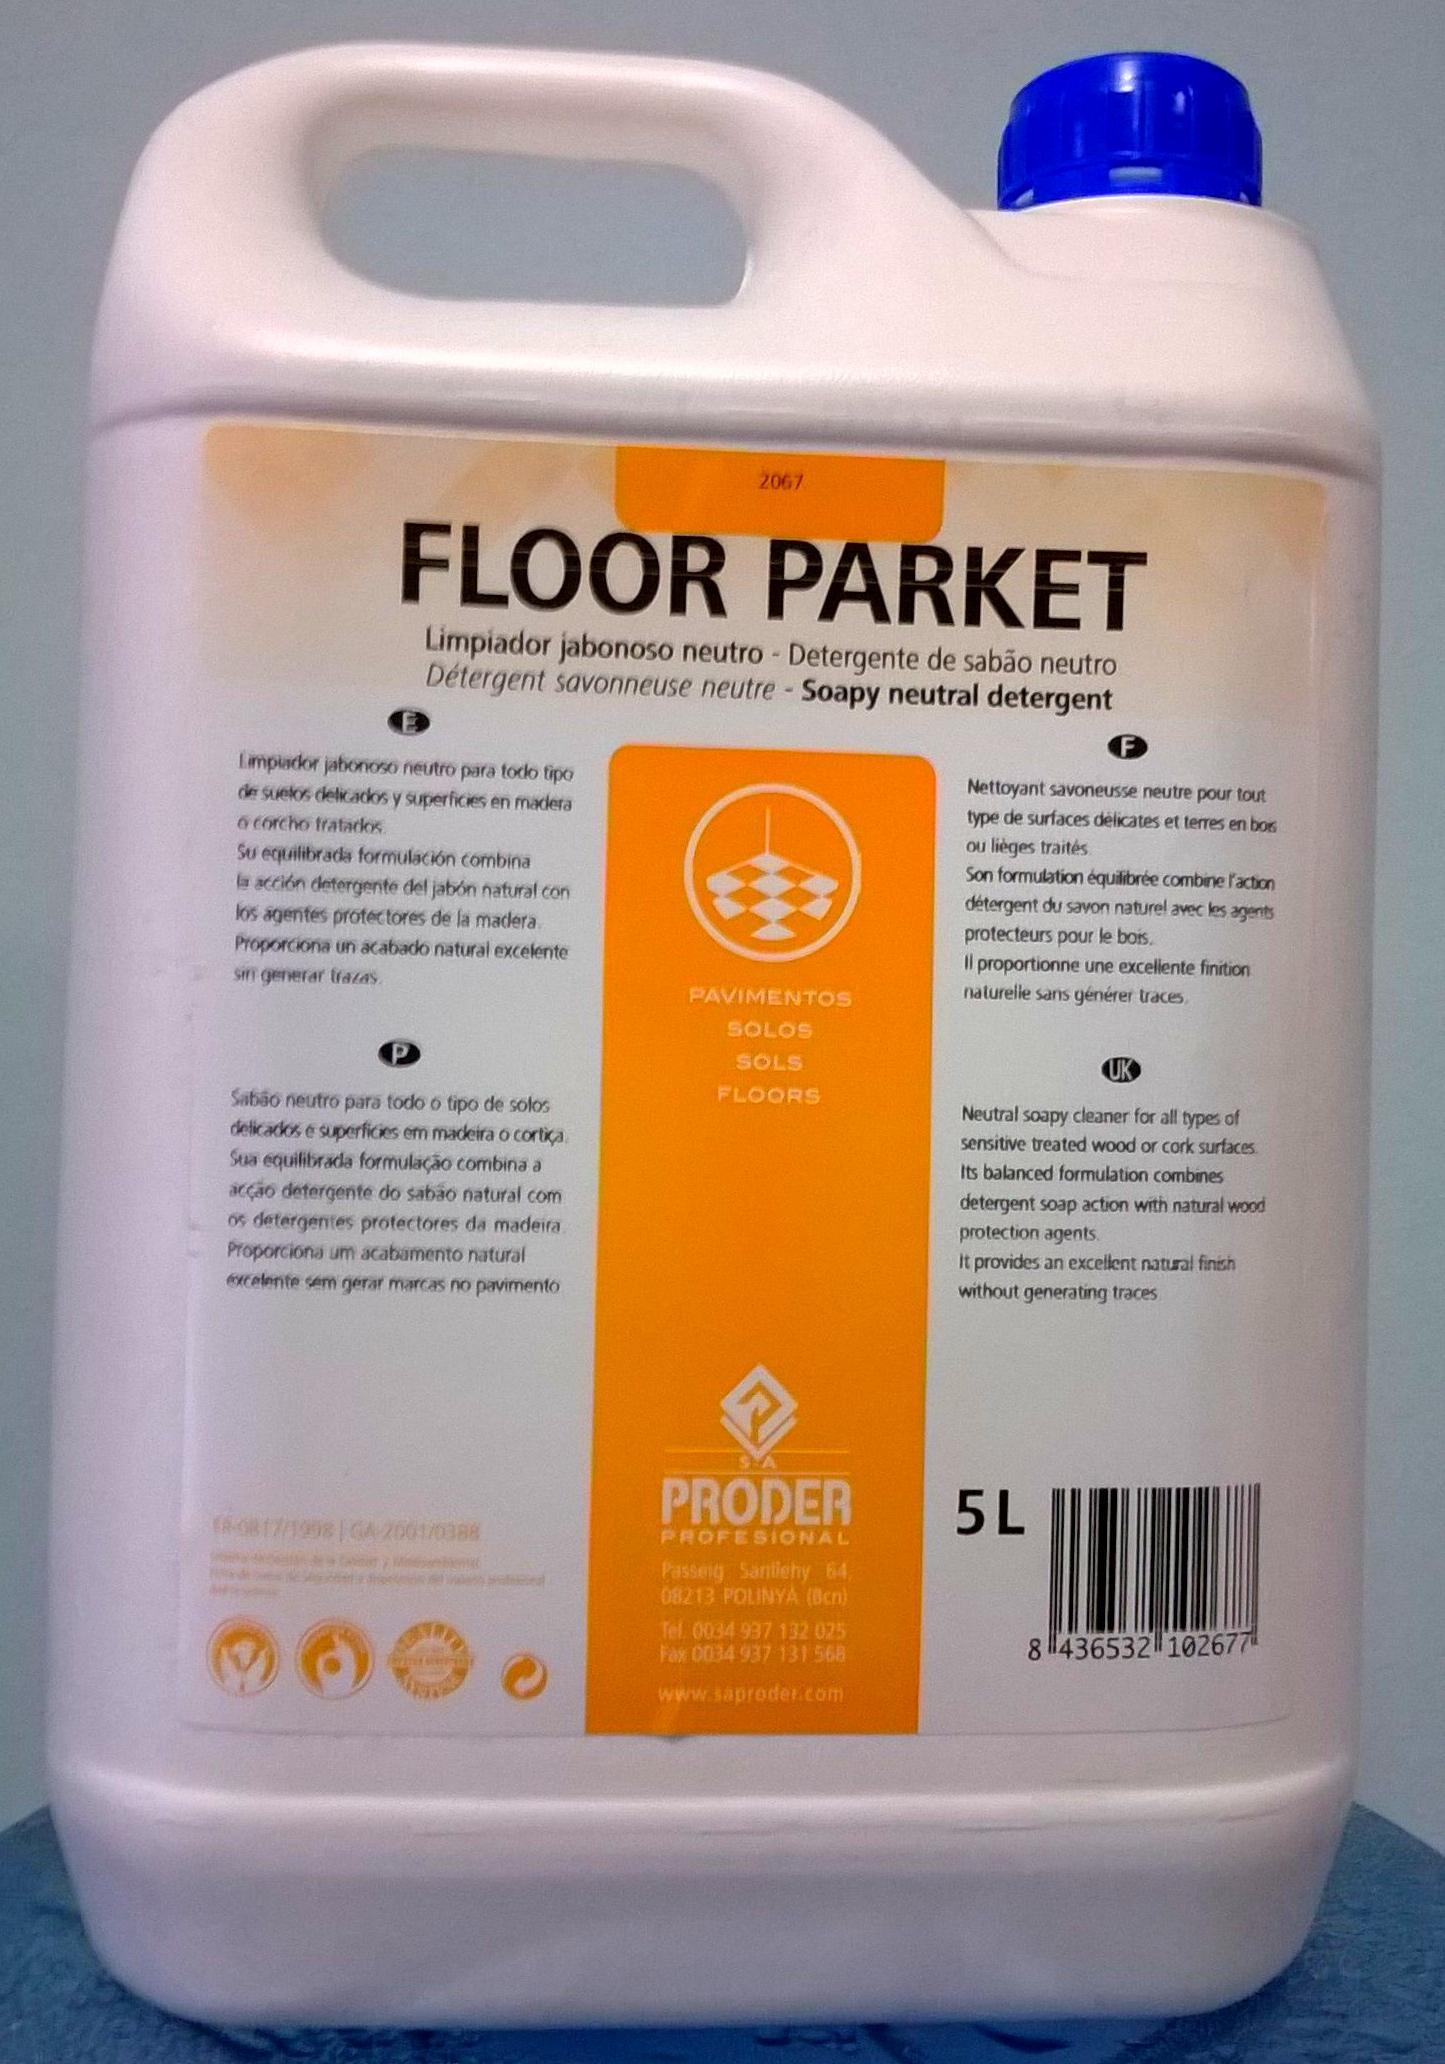 Floor parket 5l servicios y productos de neteges louzado s l - Productos para parquet ...